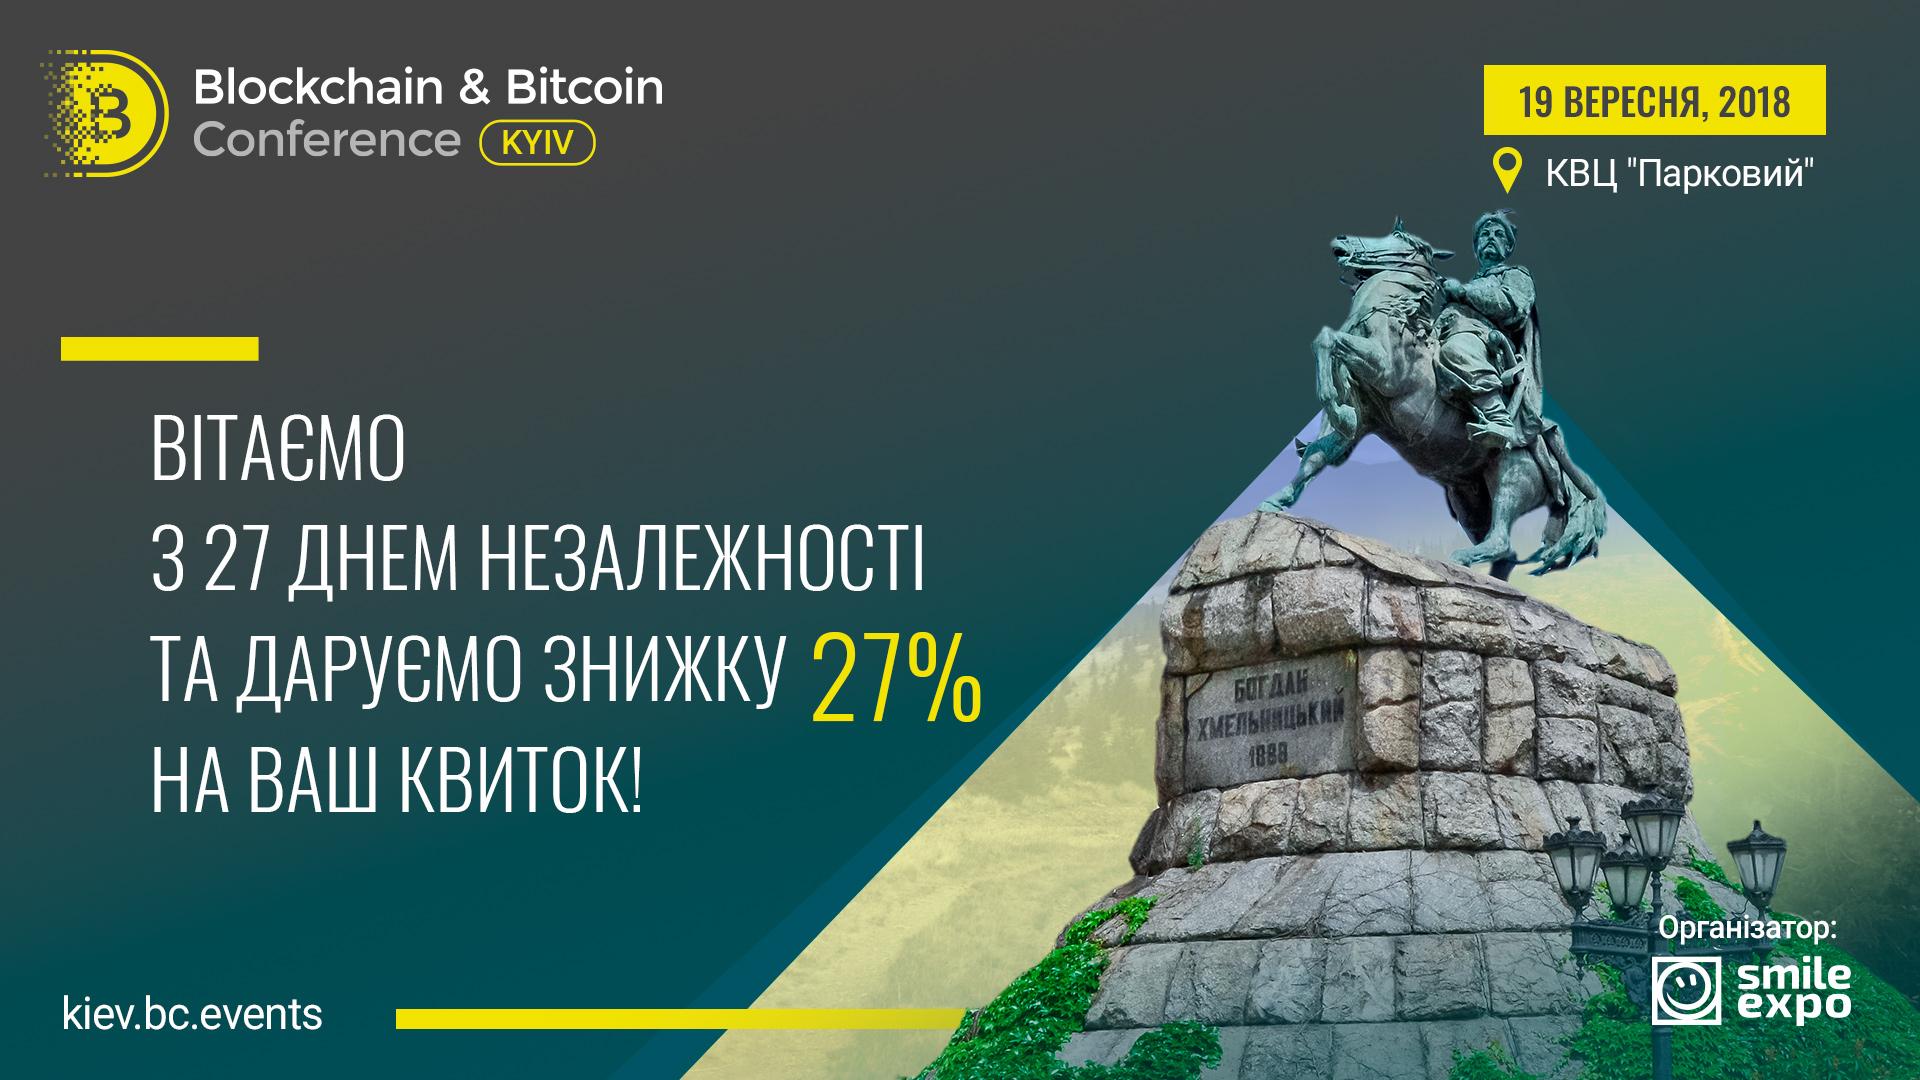 До 27-ї річниці незалежності України Blockchain & Bitcoin Conference Kyiv дарує знижку на квитки